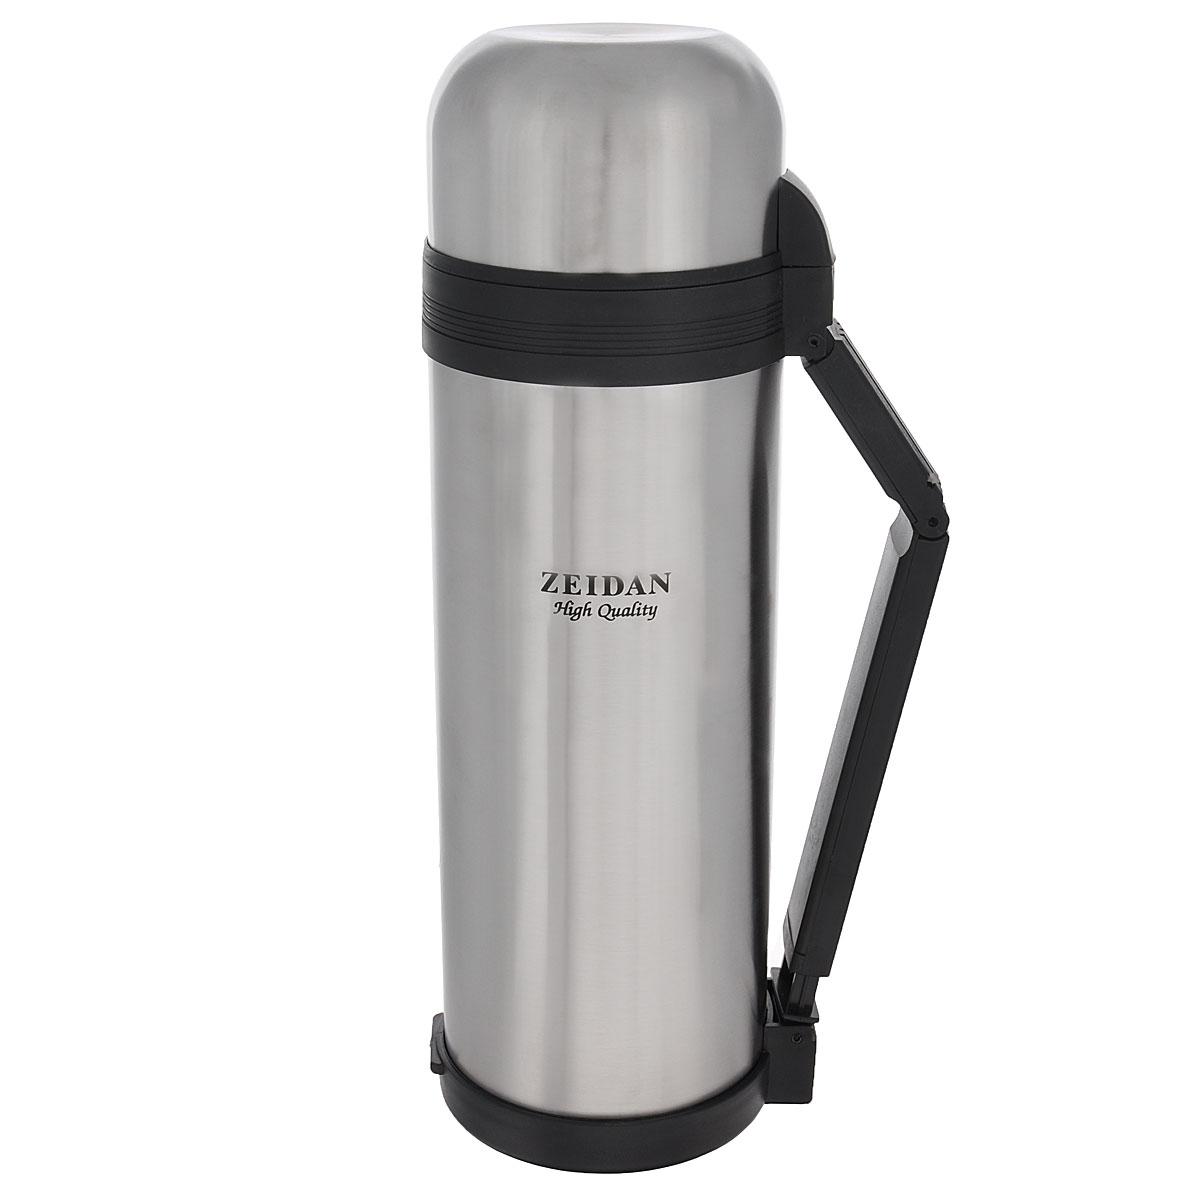 Термос Zeidan Aiden, 1,8 лBK-42Термос Zeidan Aiden, изготовленный из высококачественной нержавеющей стали, является простым в использовании, экономичным и многофункциональным. Термос с вакуумной изоляцией, предназначенный для хранения горячих и холодных напитков (чая, кофе). Изделие укомплектовано пробкой с кнопкой. Такая пробка удобна в использовании и позволяет, не отвинчивая ее, наливать напитки после простого нажатия. Изделие также оснащено крышкой-чашкой, дополнительной чашкой, складной ручкой и специальным ремнем для удобной переноски термоса. Легкий и прочный термос Zeidan Aiden сохранит ваши напитки горячими или холодными надолго.Высота (с учетом крышки): 33,5 см.Диаметр горлышка: 7,5 см.